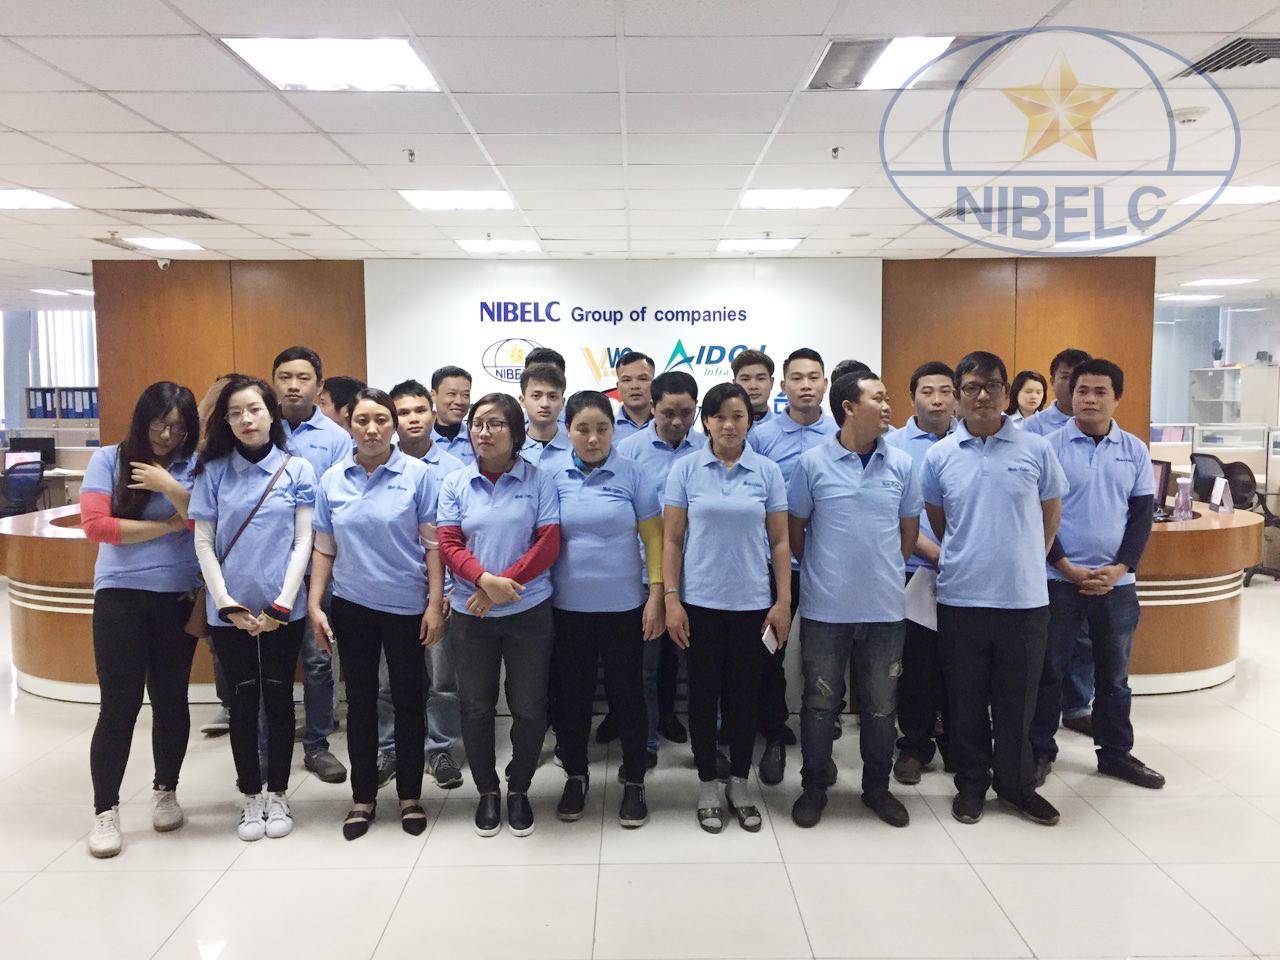 Ra quân đầu năm mới 2019 – NIBELC Group tổ chức thi tuyển thành công đơn hàng lao động đi làm việc tại Romania.